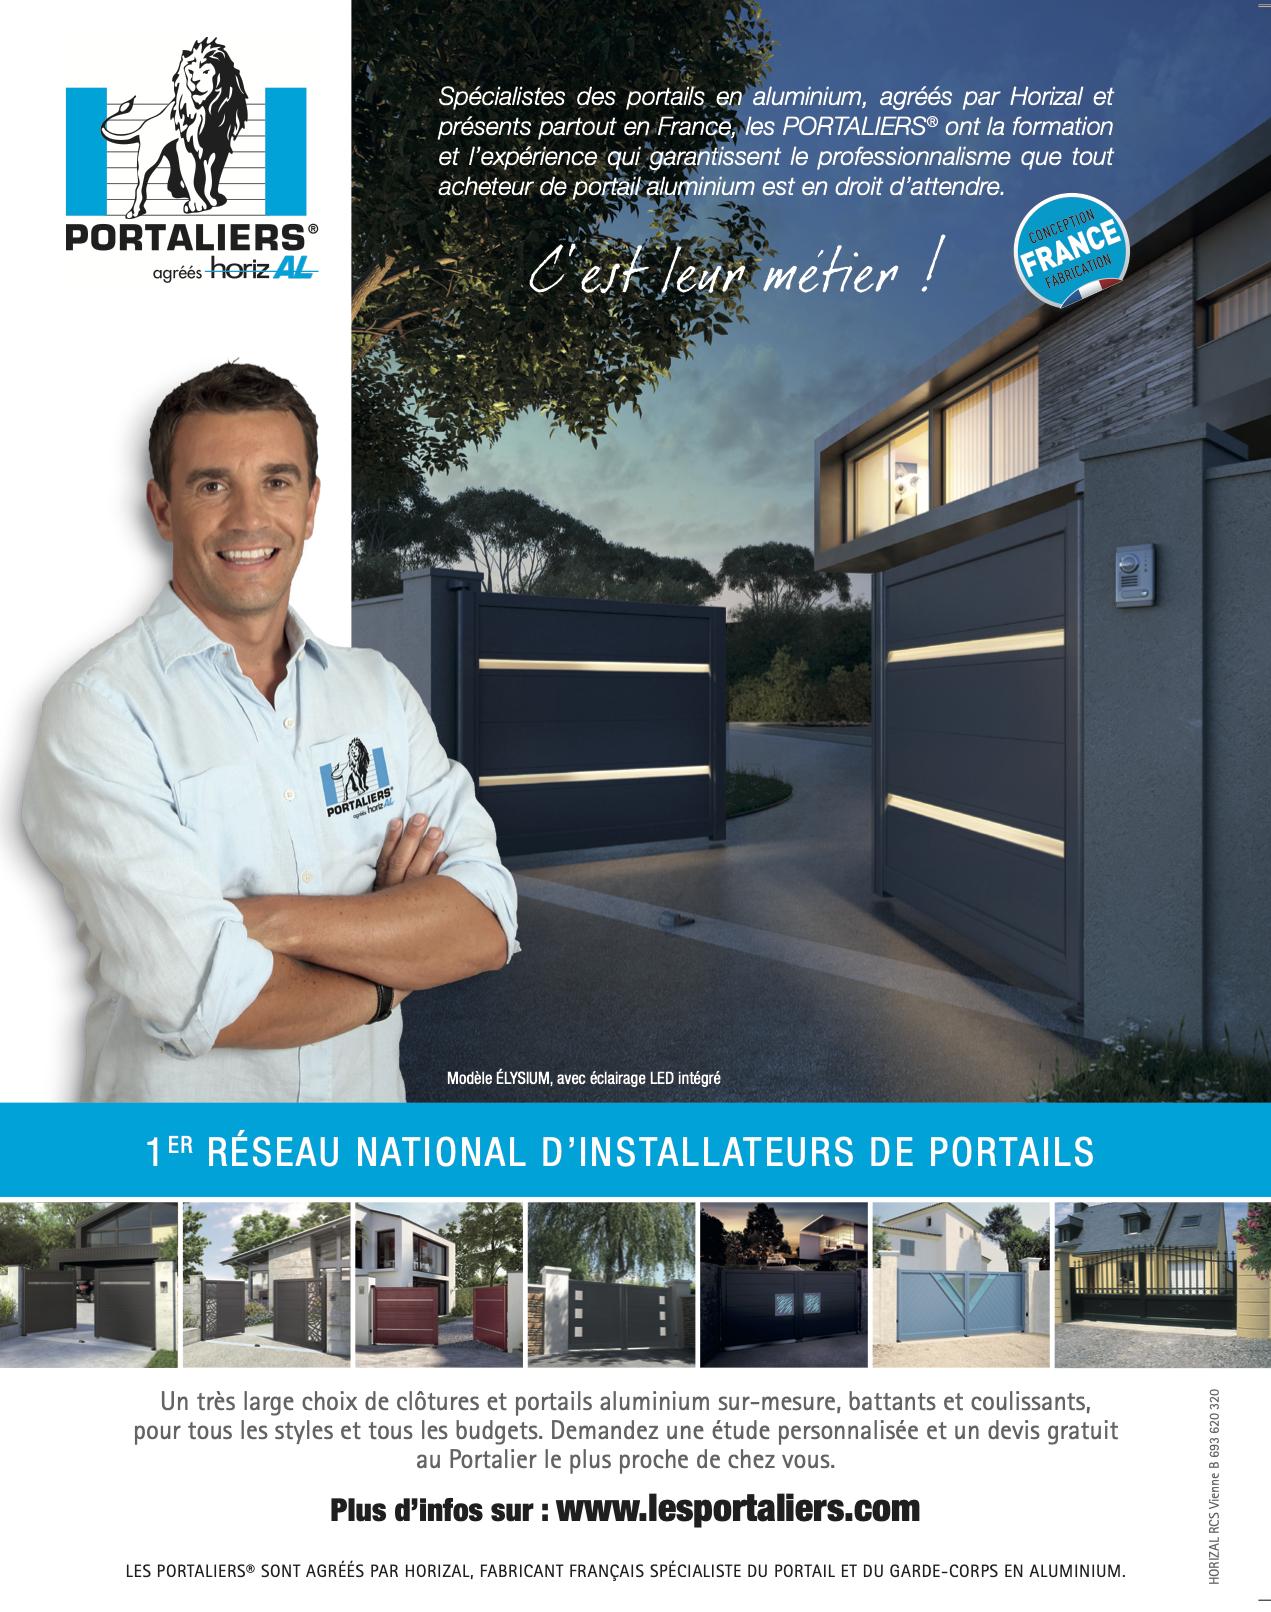 Les Portaliers® agréés Horizal: Nouveaux portails design et tendance, cap sur votre entrée !